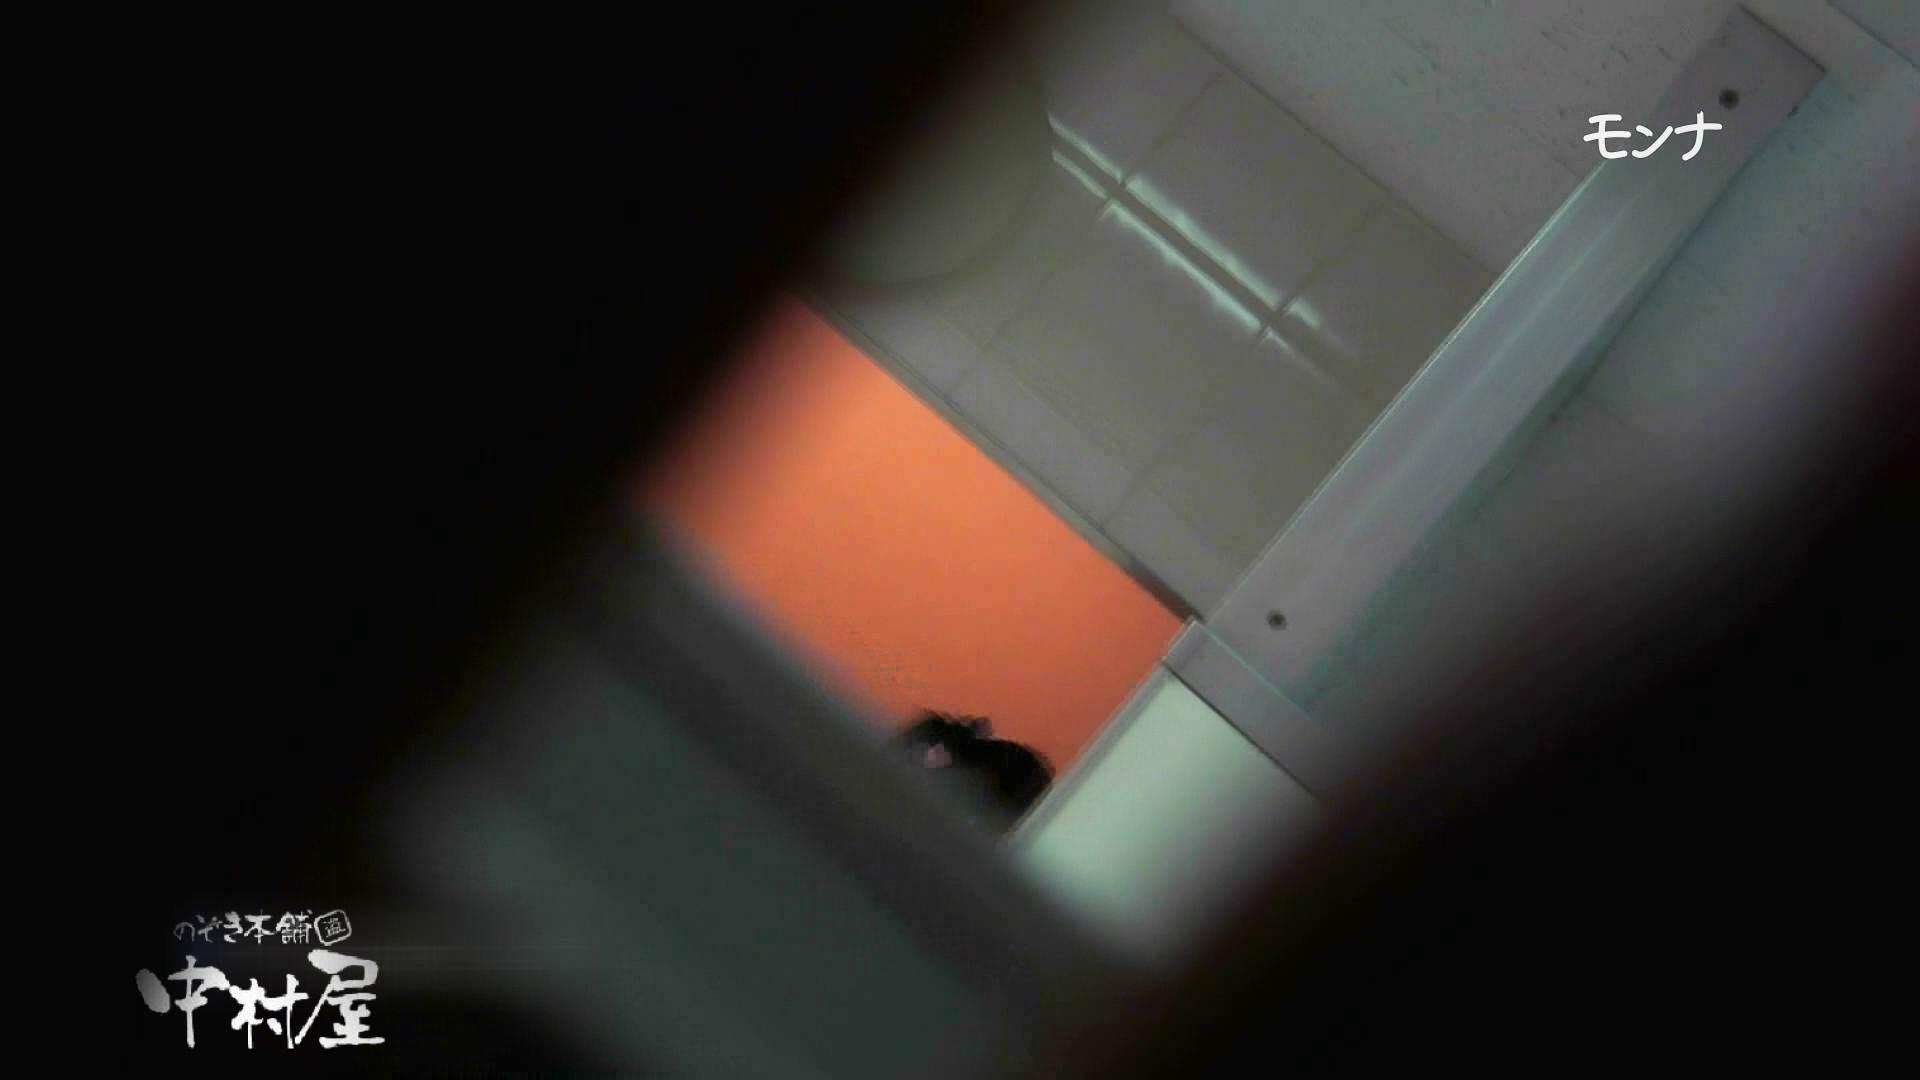 【美しい日本の未来】遂に!!戸田恵梨香似の予告モデル登場ダッシュで「大」後編 おまんこ無修正 | 覗き放題  59画像 13